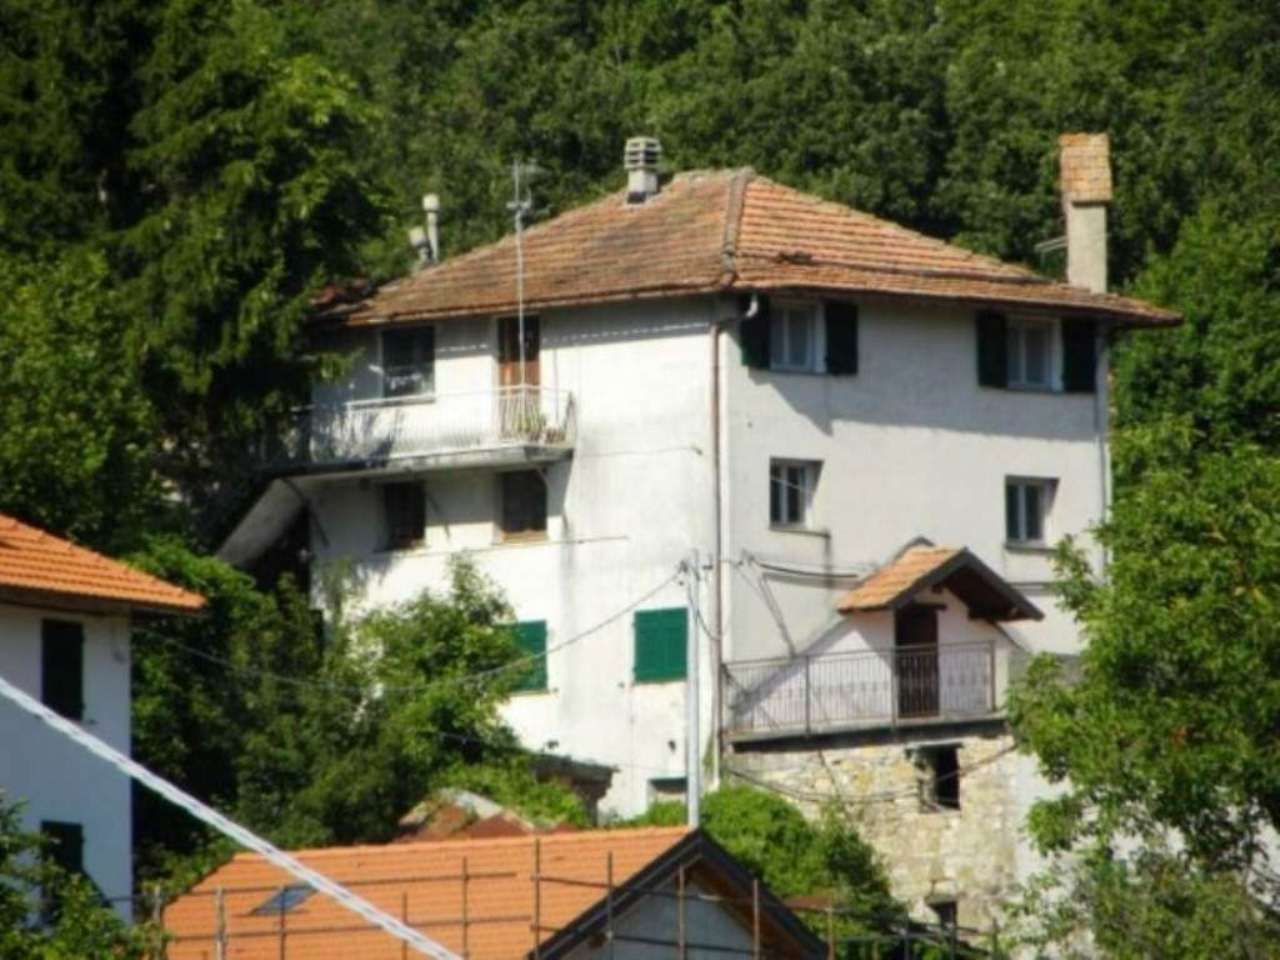 Case valbrevenna vendite case valbrevenna affitti for Case affitto savignone